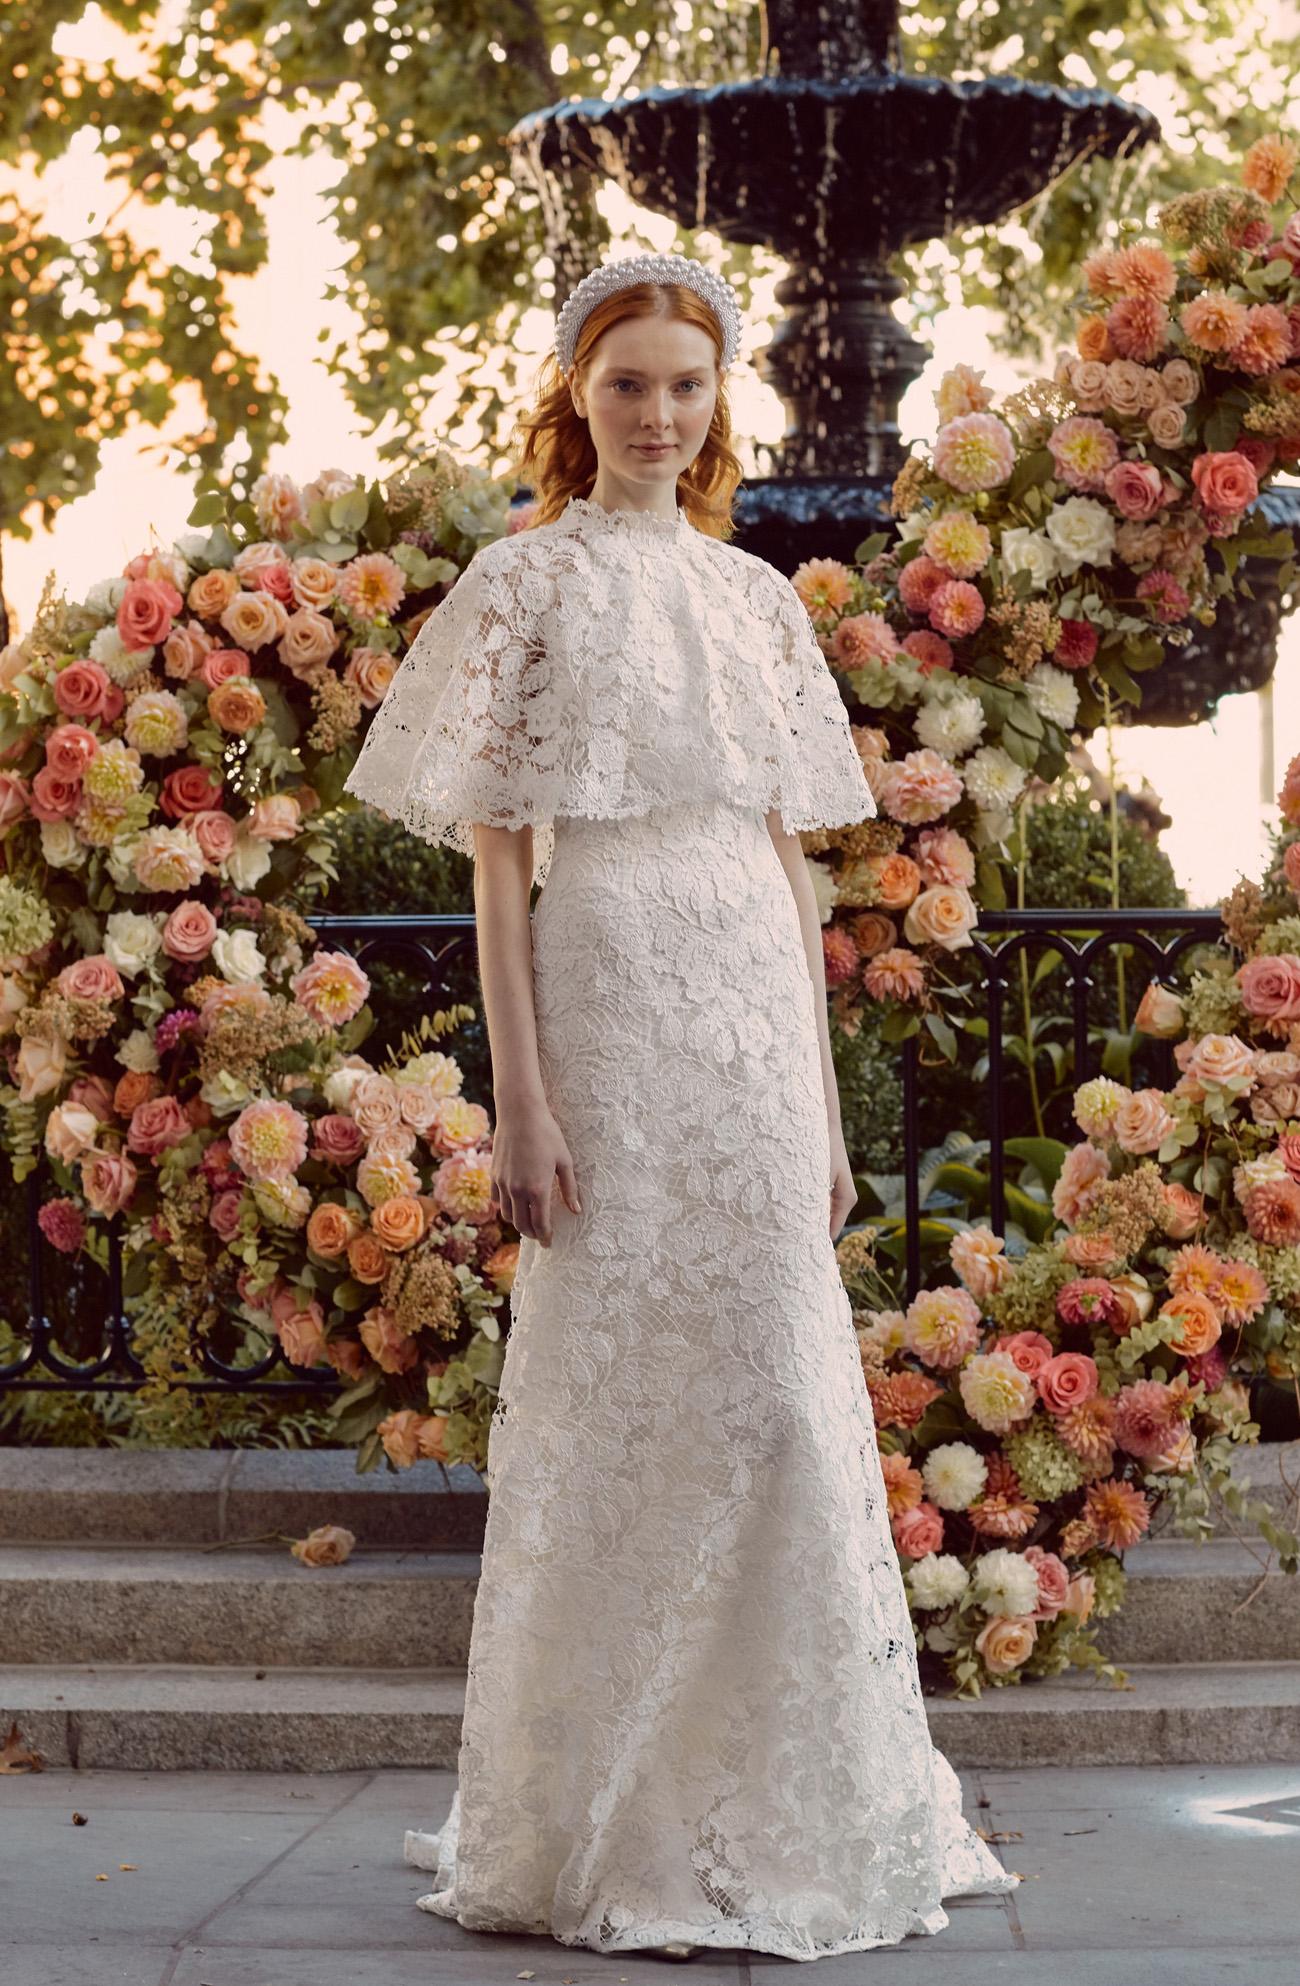 Lela Rose Lace Wedding Dress